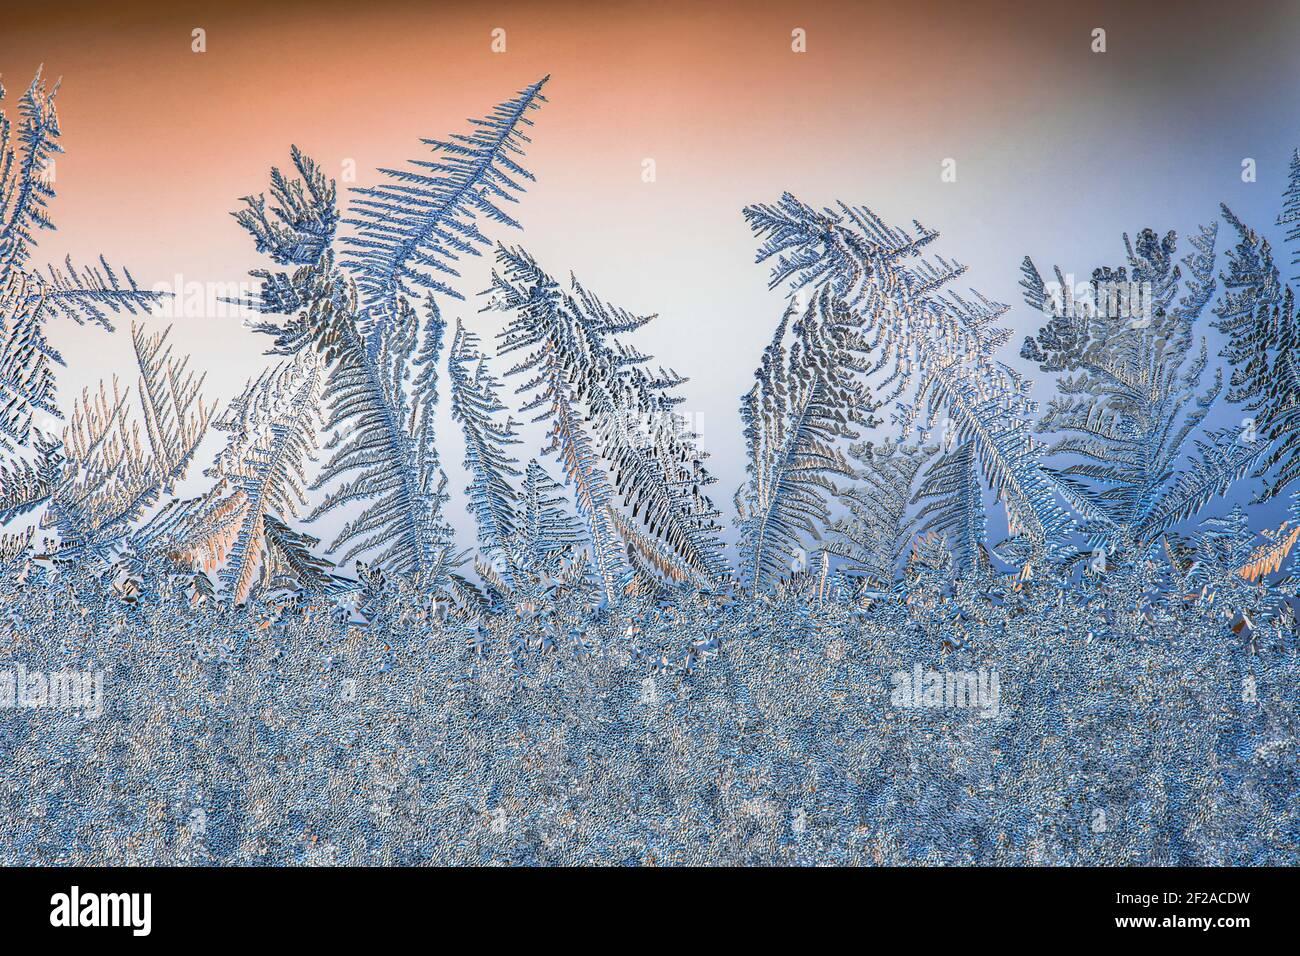 Motifs de givre sur le verre en hiver. Art. Cristal eau surgelée Banque D'Images